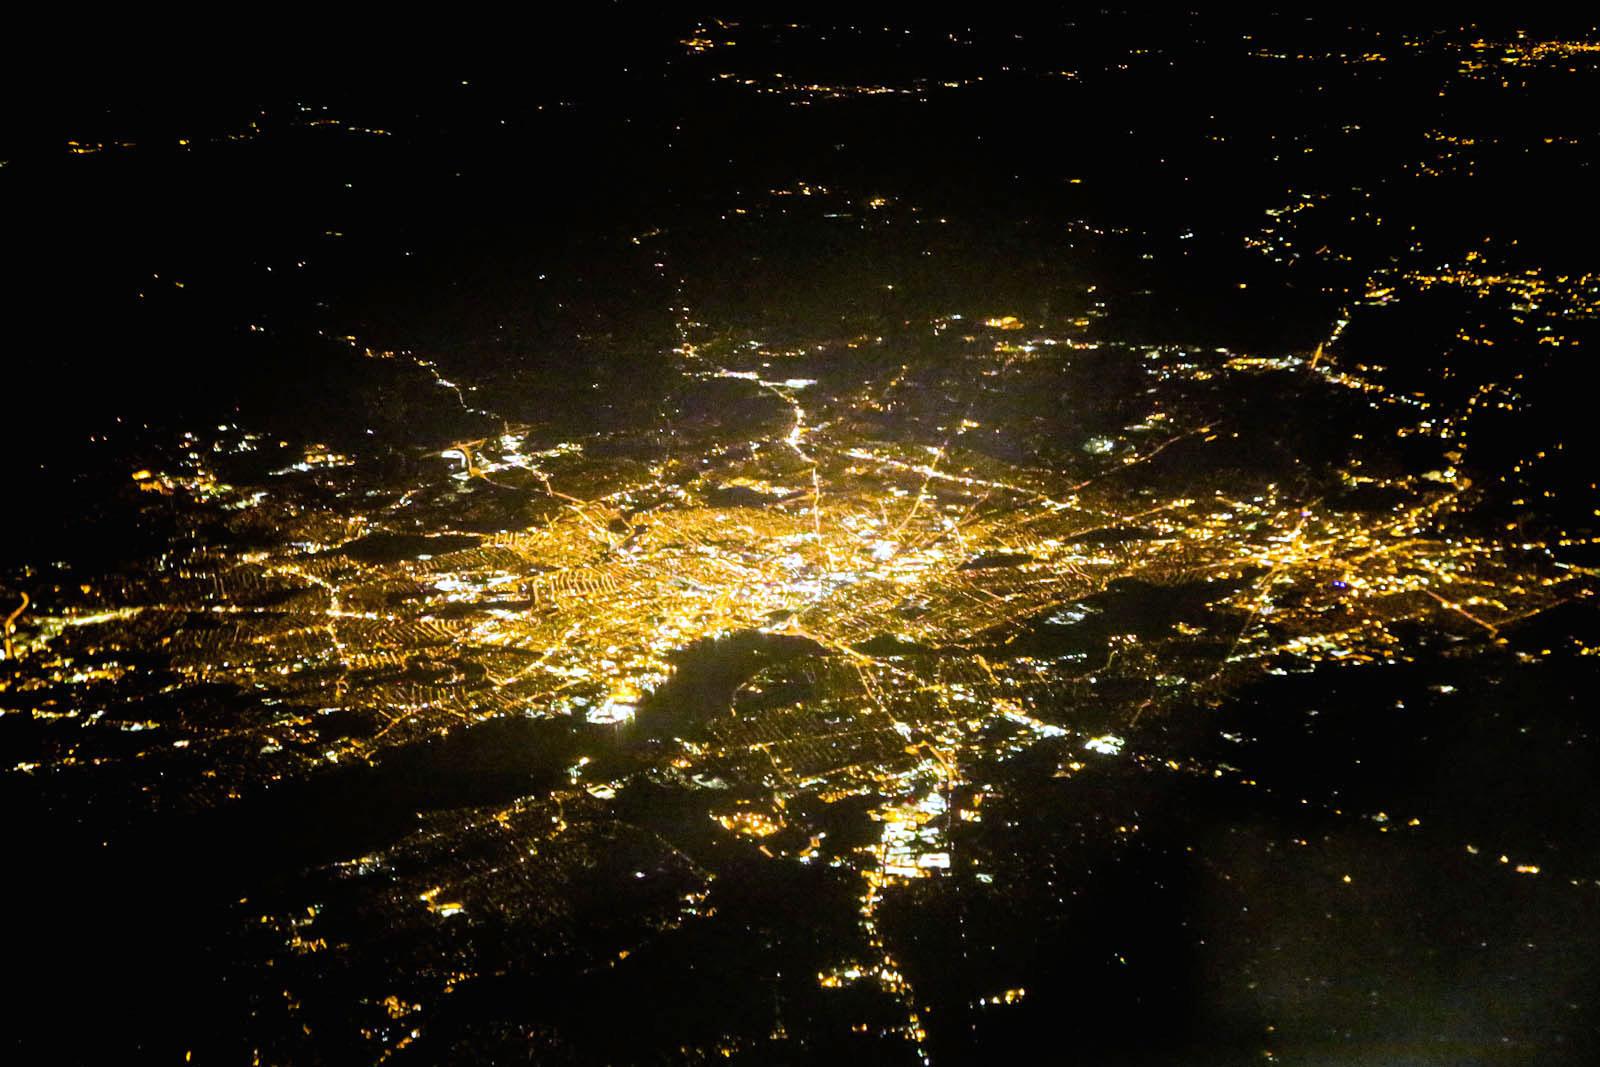 Город Провиденс (Providence) - столица штата Род-Айленд